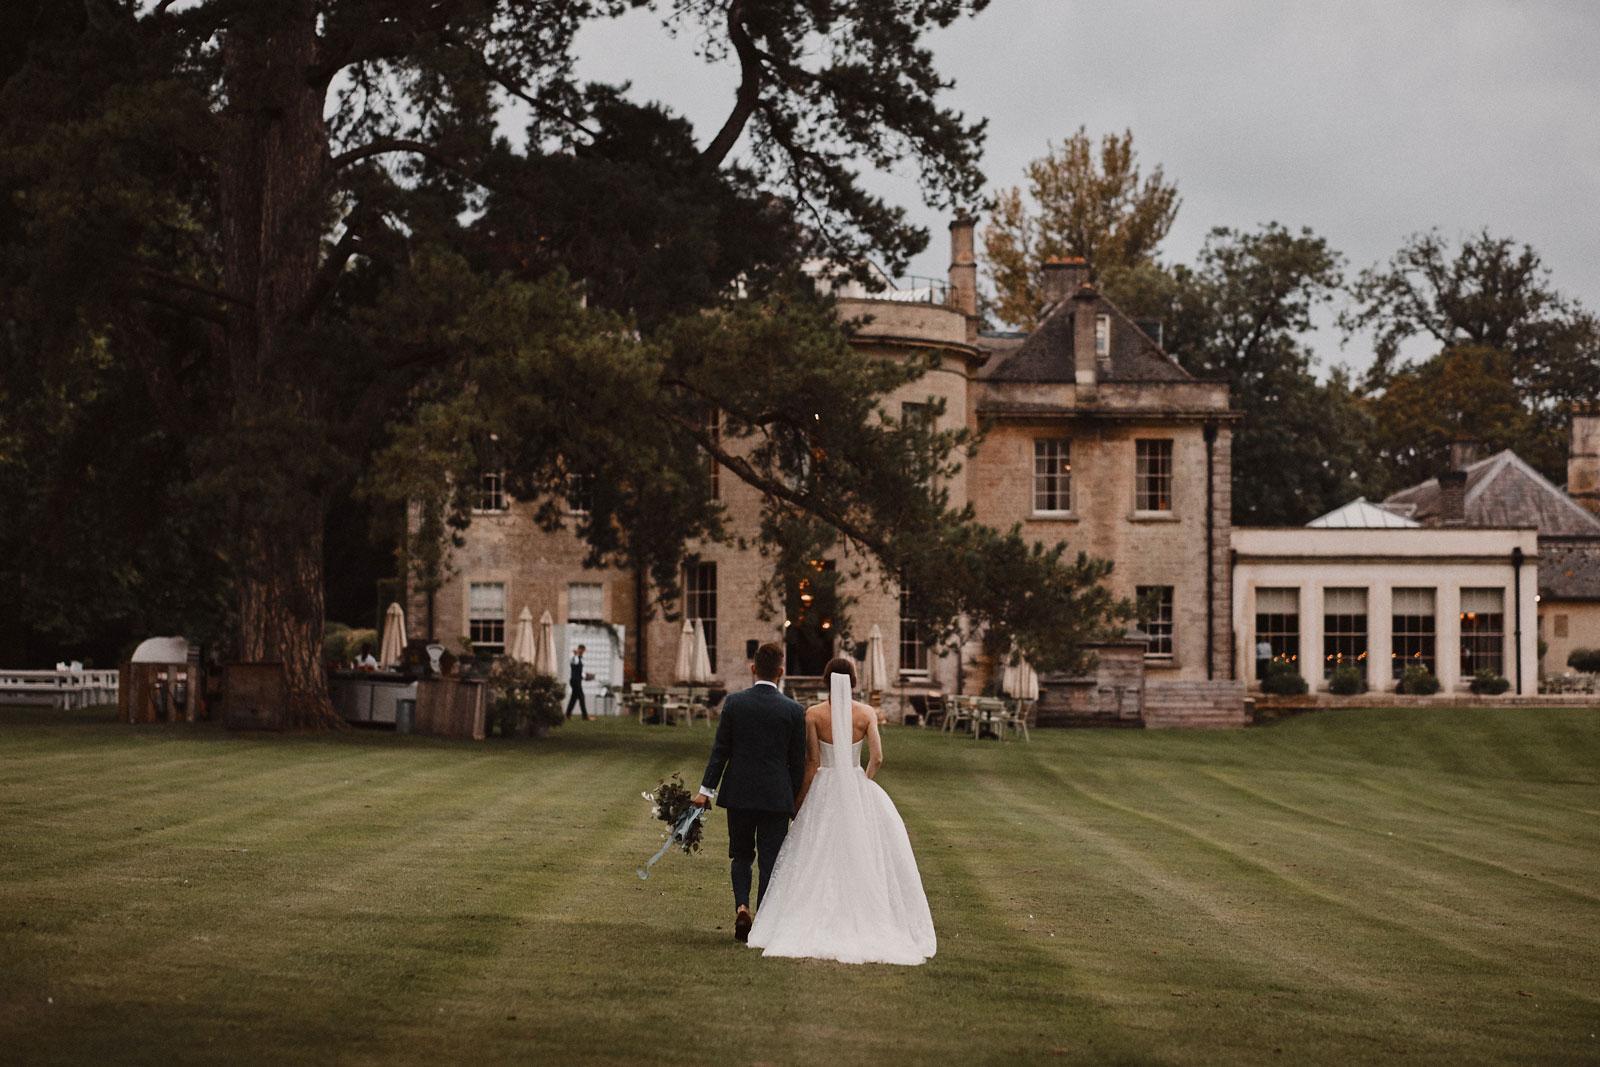 Wedding, My Wedding, Luxury Wedding, Wedding Planner London, Wedding Planner, UK Wedding, Babington House Wedding, Weddings in Somerset, Somerset Wedding, Weddings